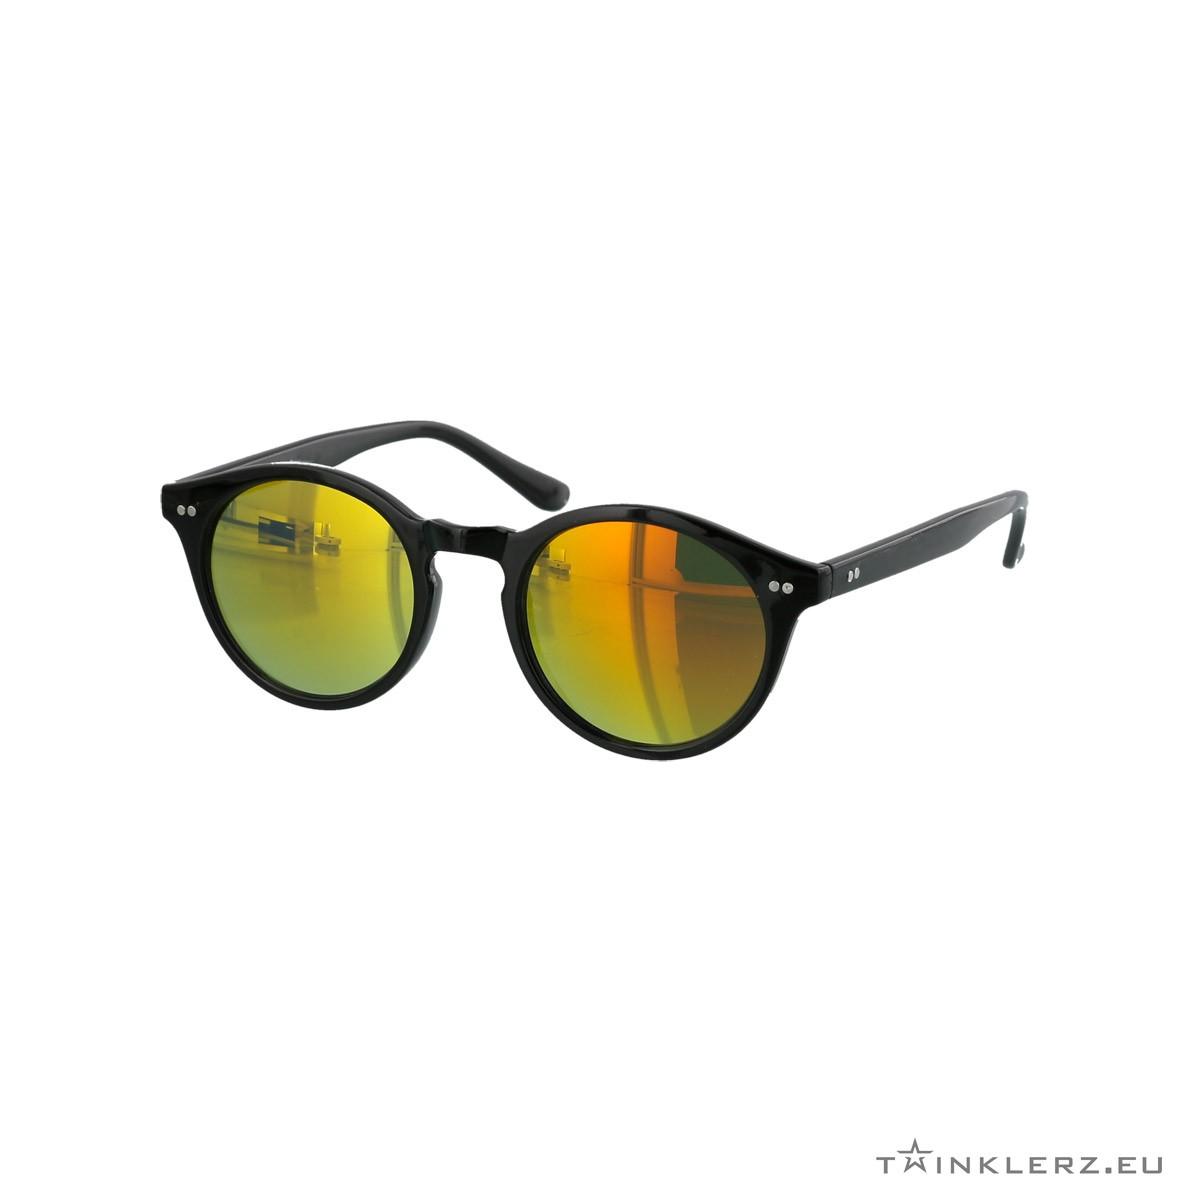 Black retro sunglasses red orange mirrored lenses